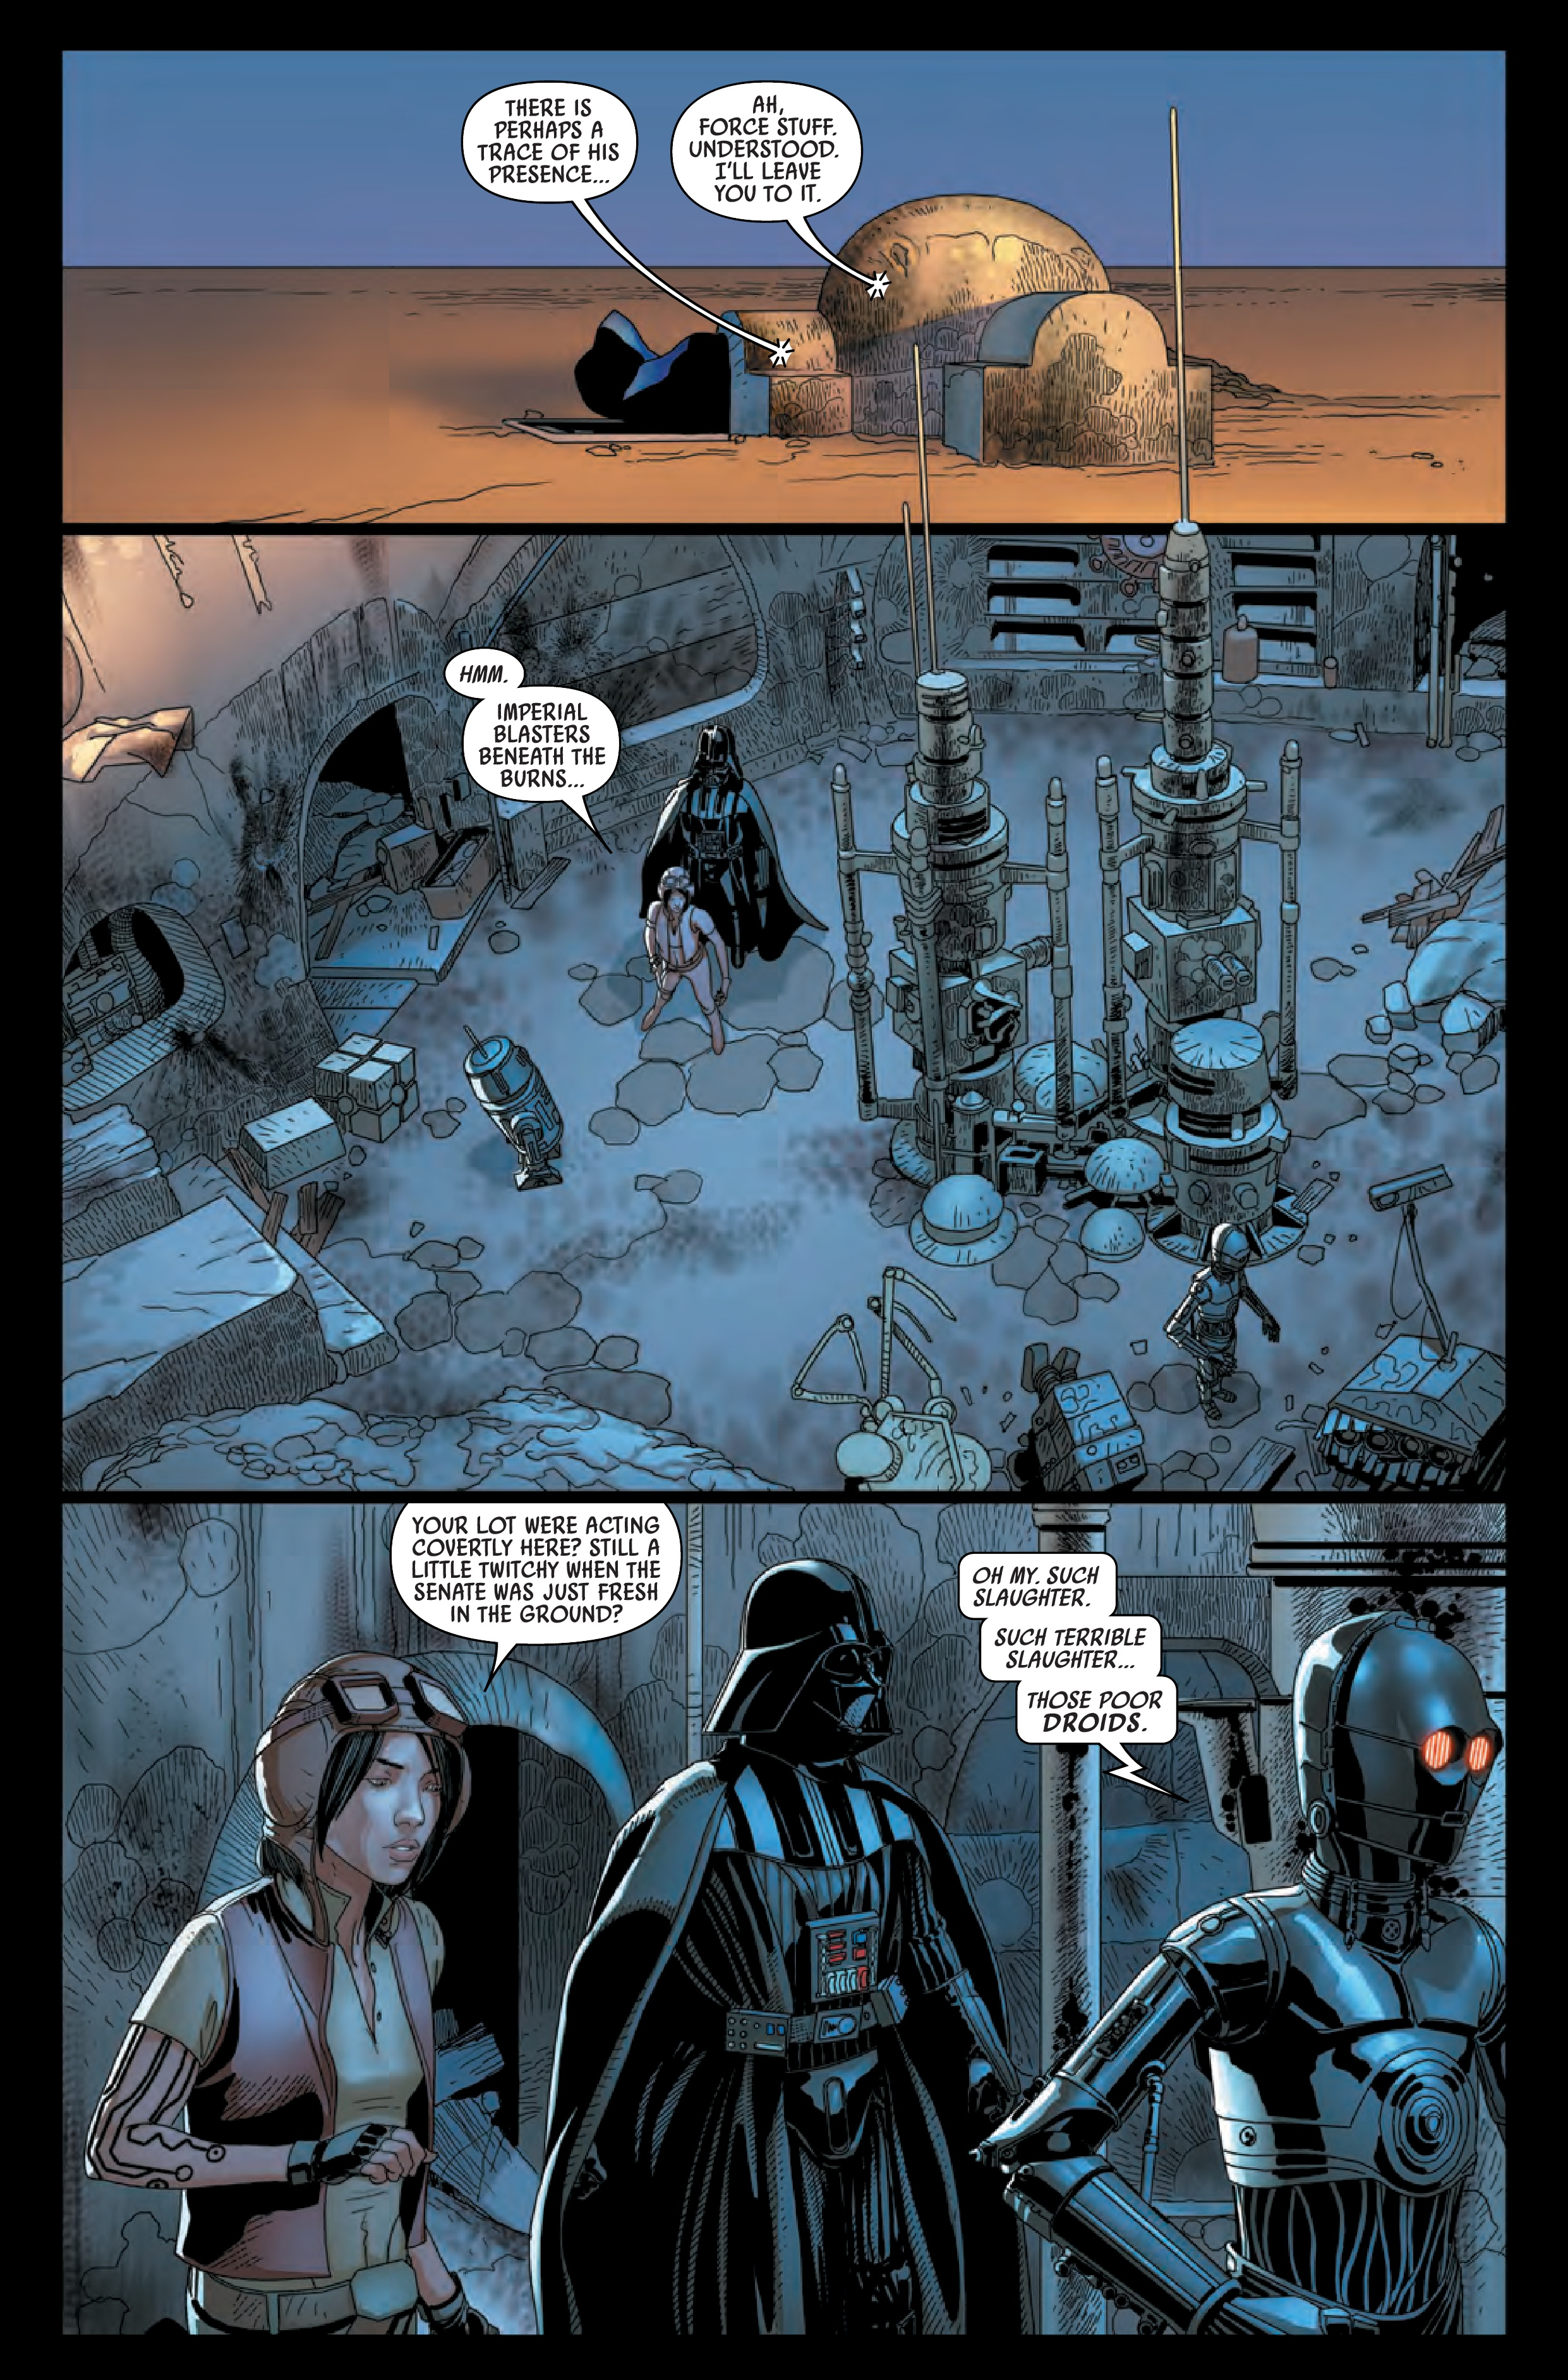 Star Wars 7 Darth Vader